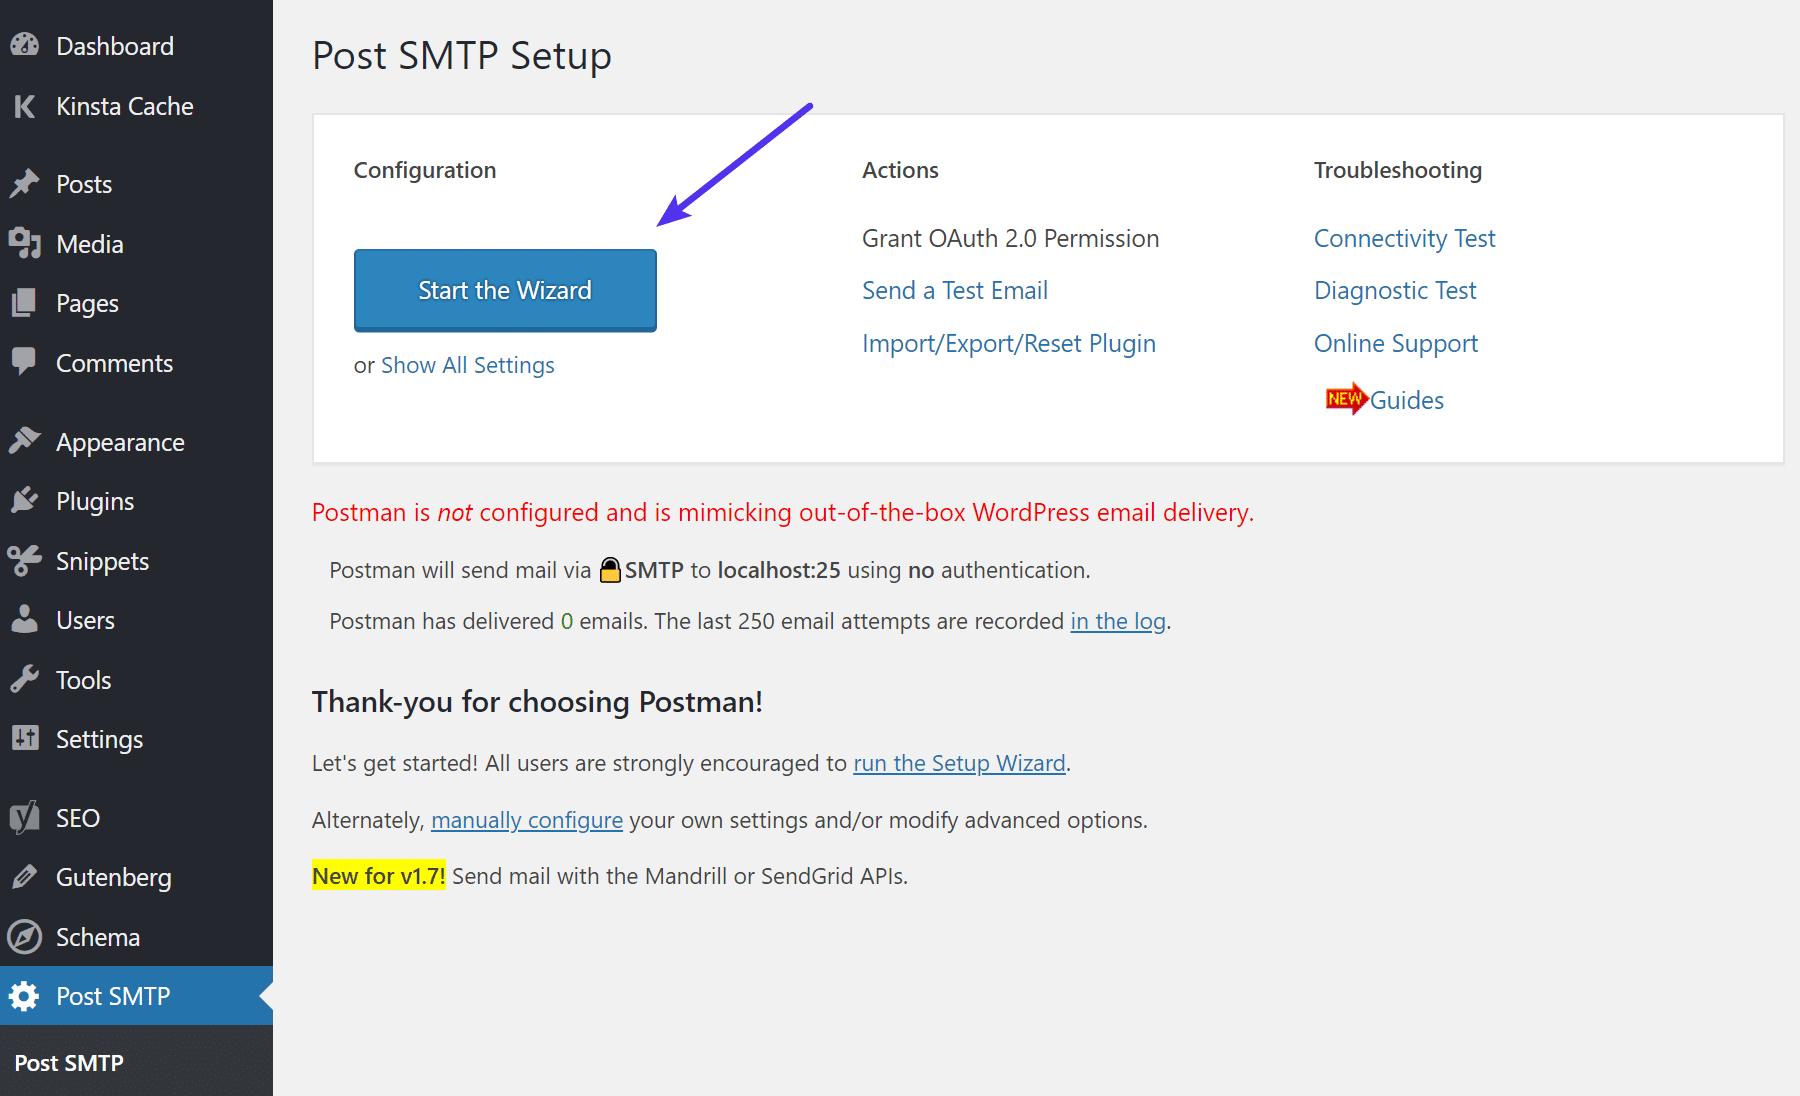 Post SMTP setup Wizard